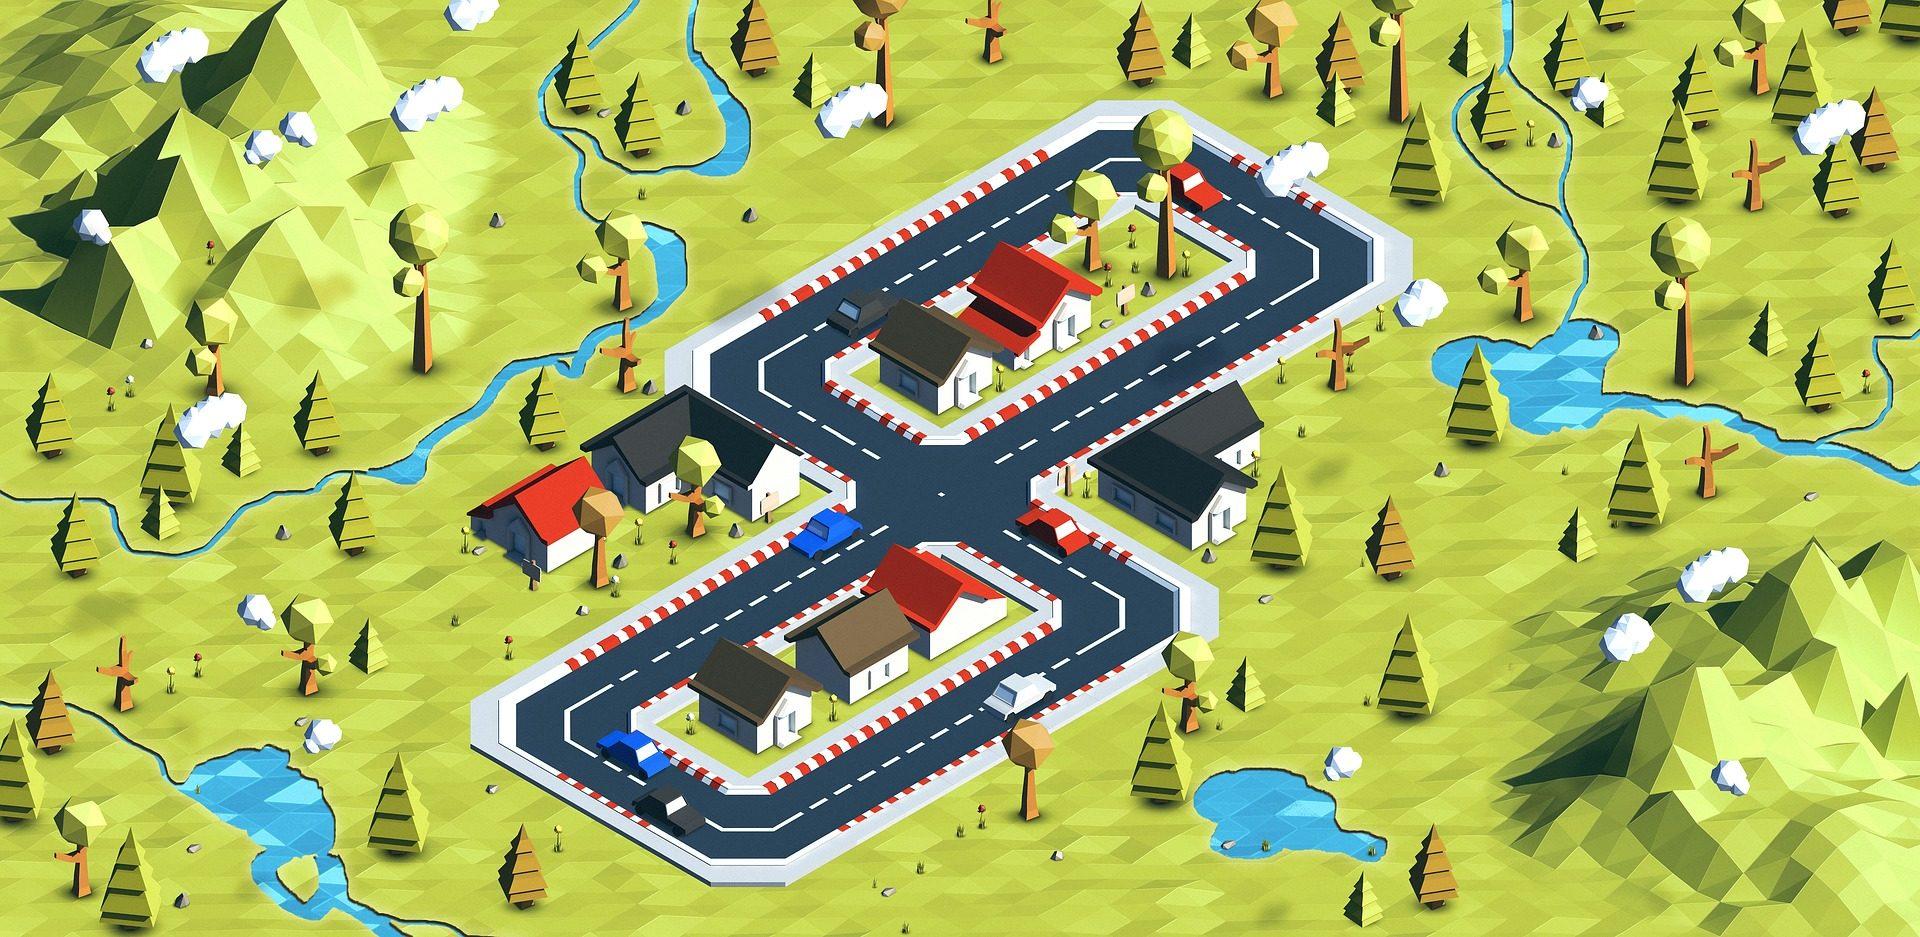 παιχνίδι, Πόλη, Βίλα, πολυγωνικό, Ισομετρική, Χάρτης, σπίτια - Wallpapers HD - Professor-falken.com